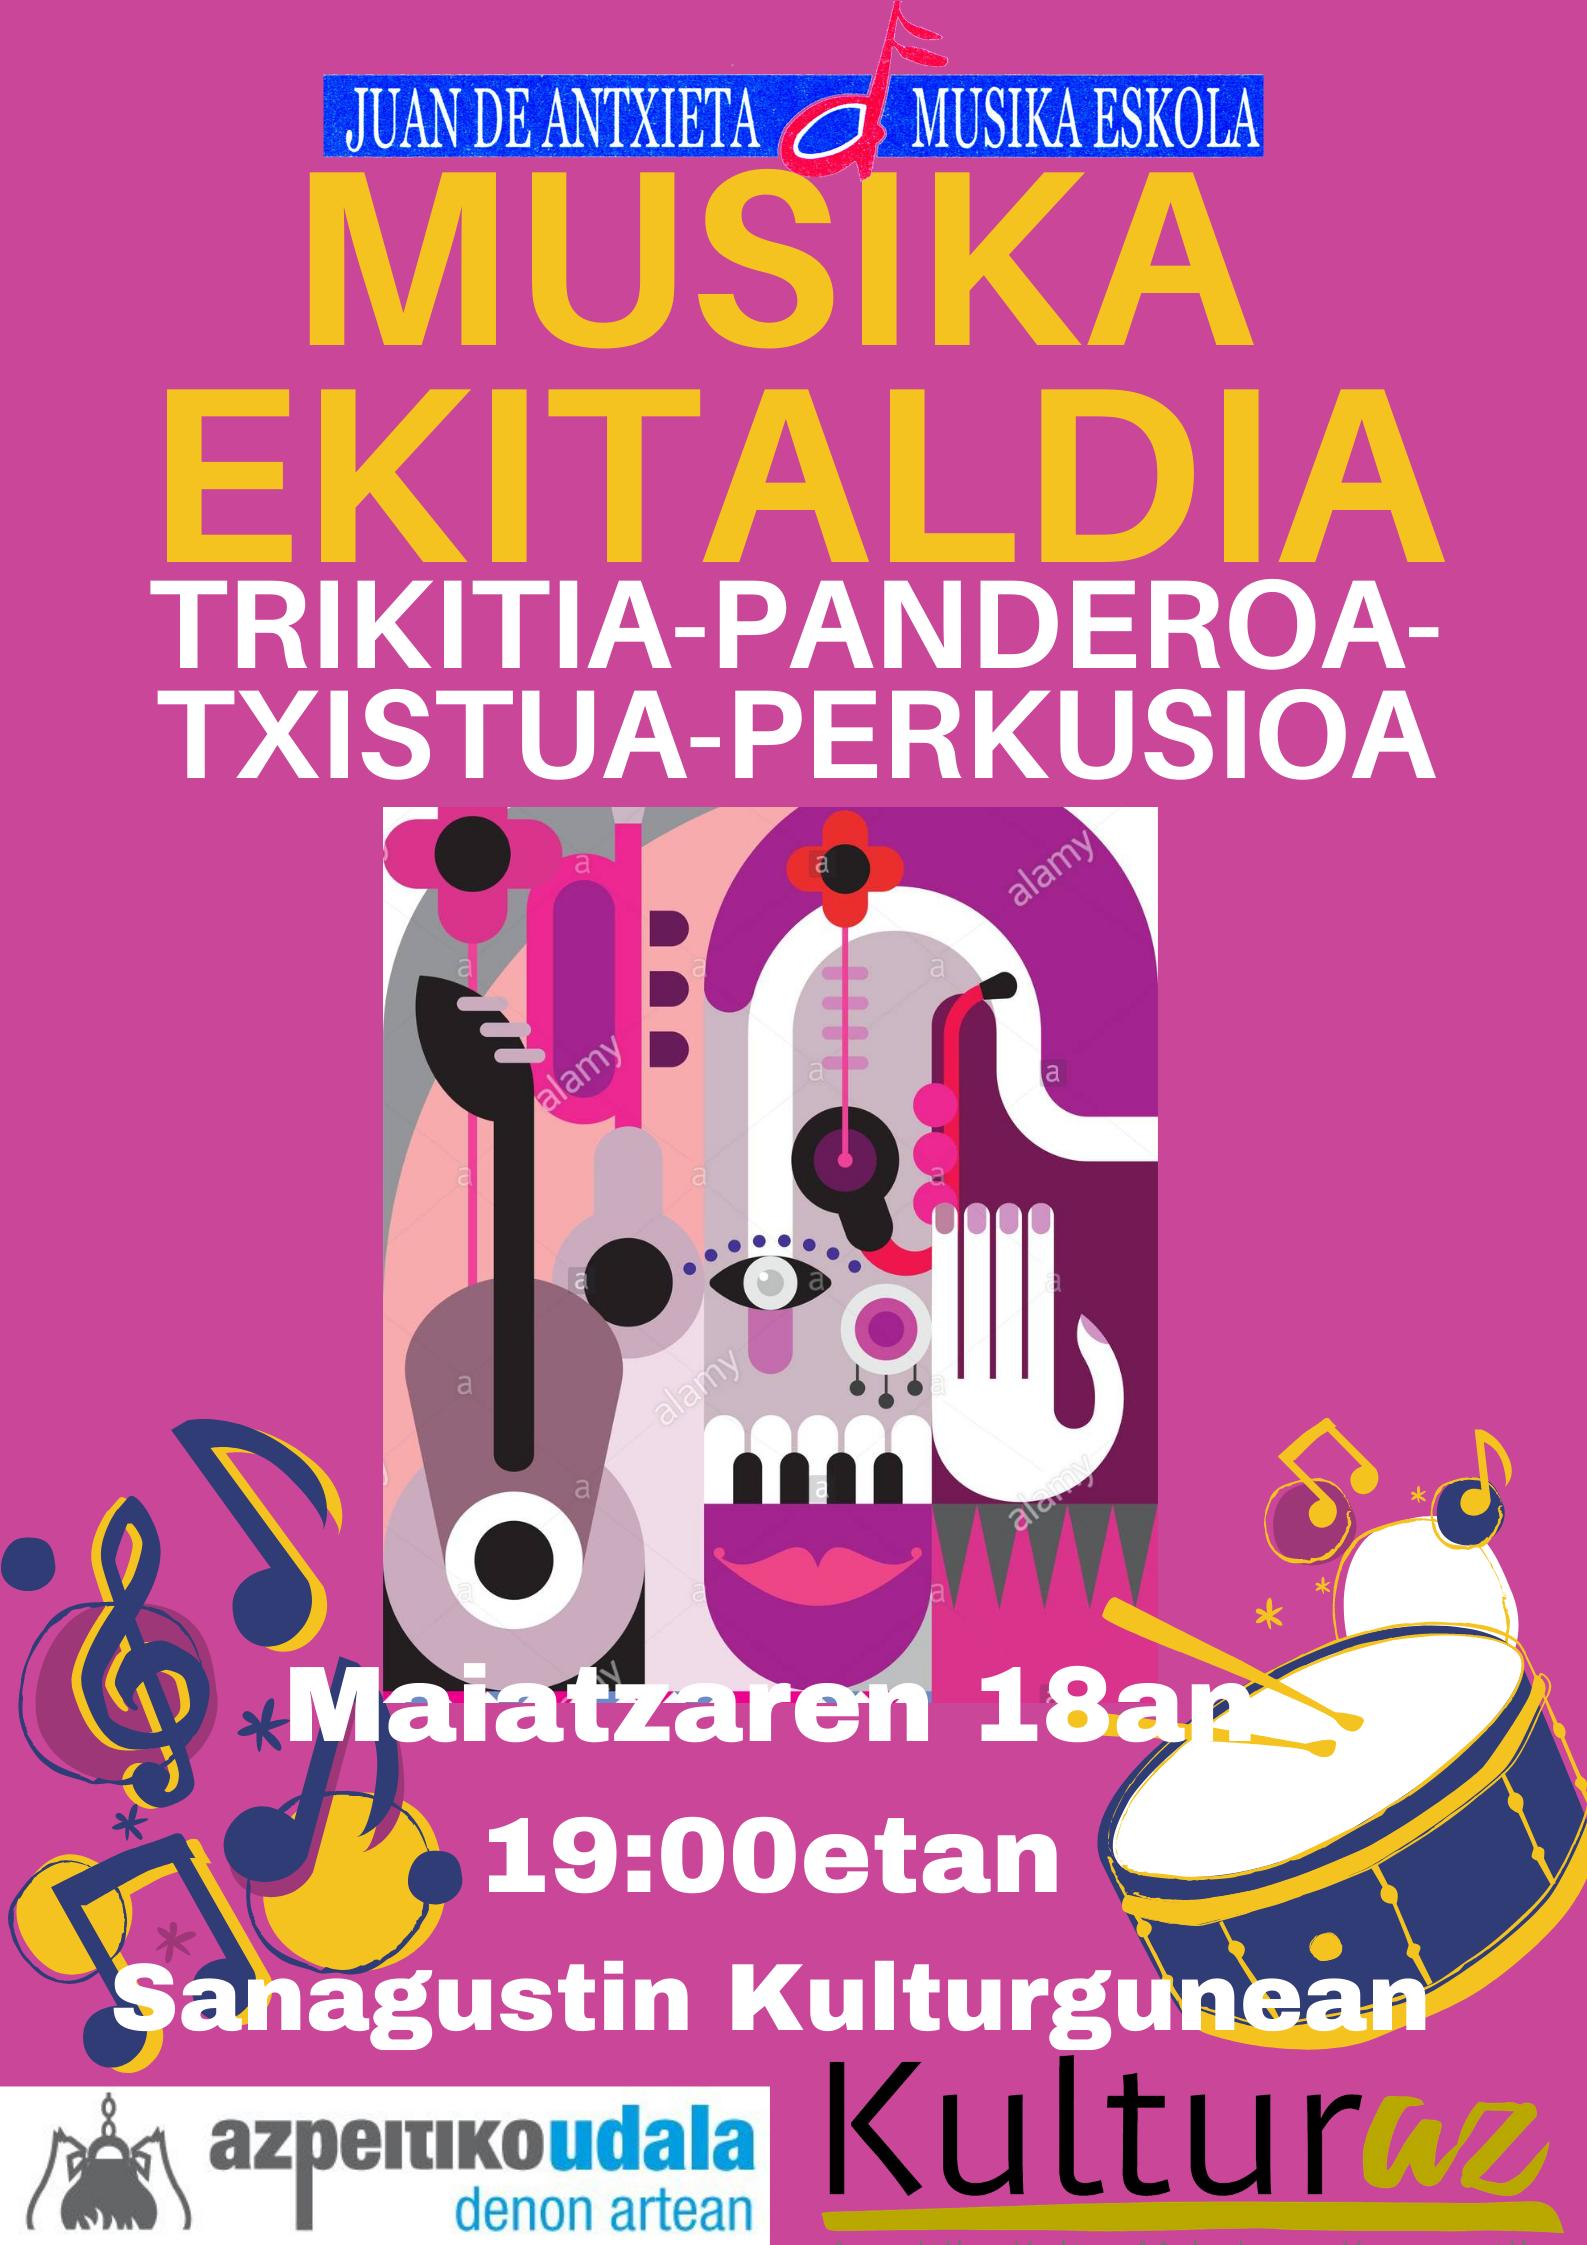 TRIKITIA - PANDEROA - TXISTUA - PERKUSIOA